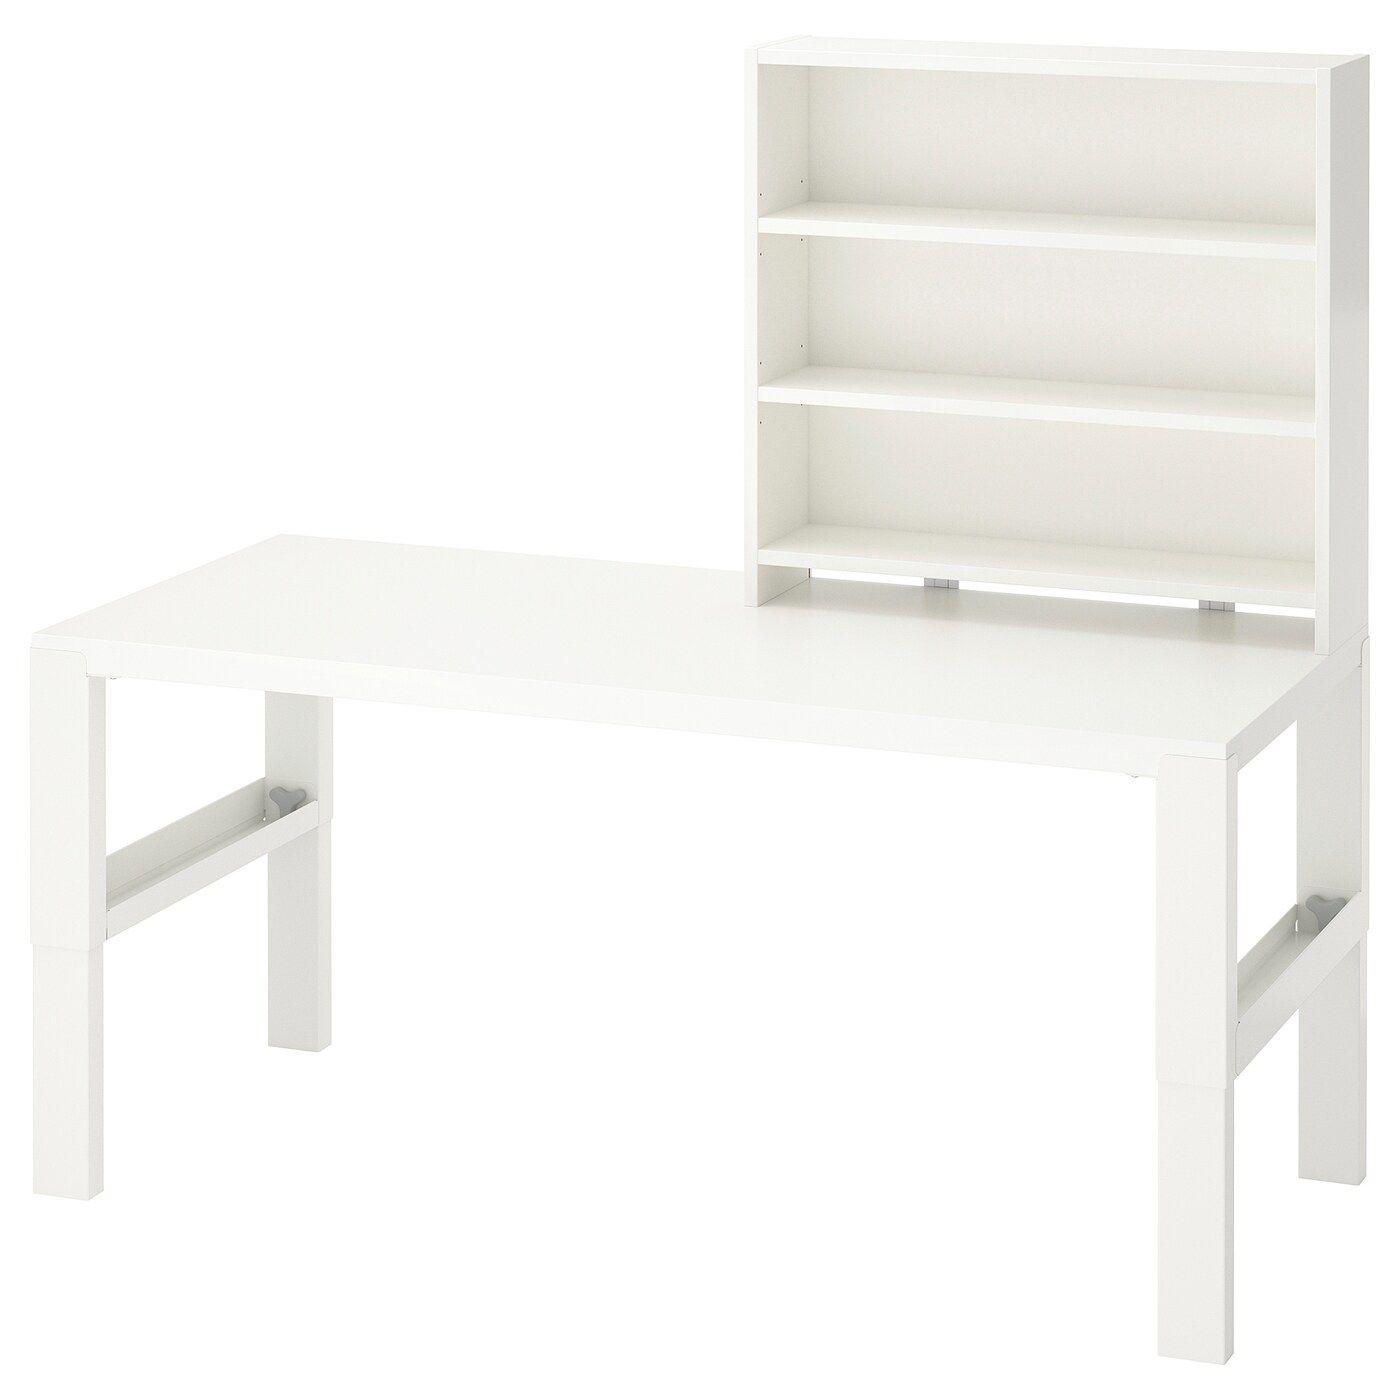 Pahl Schreibtisch Mit Aufsatz Weiss Schreibtisch Aufsatz Ikea Und Schreibtisch